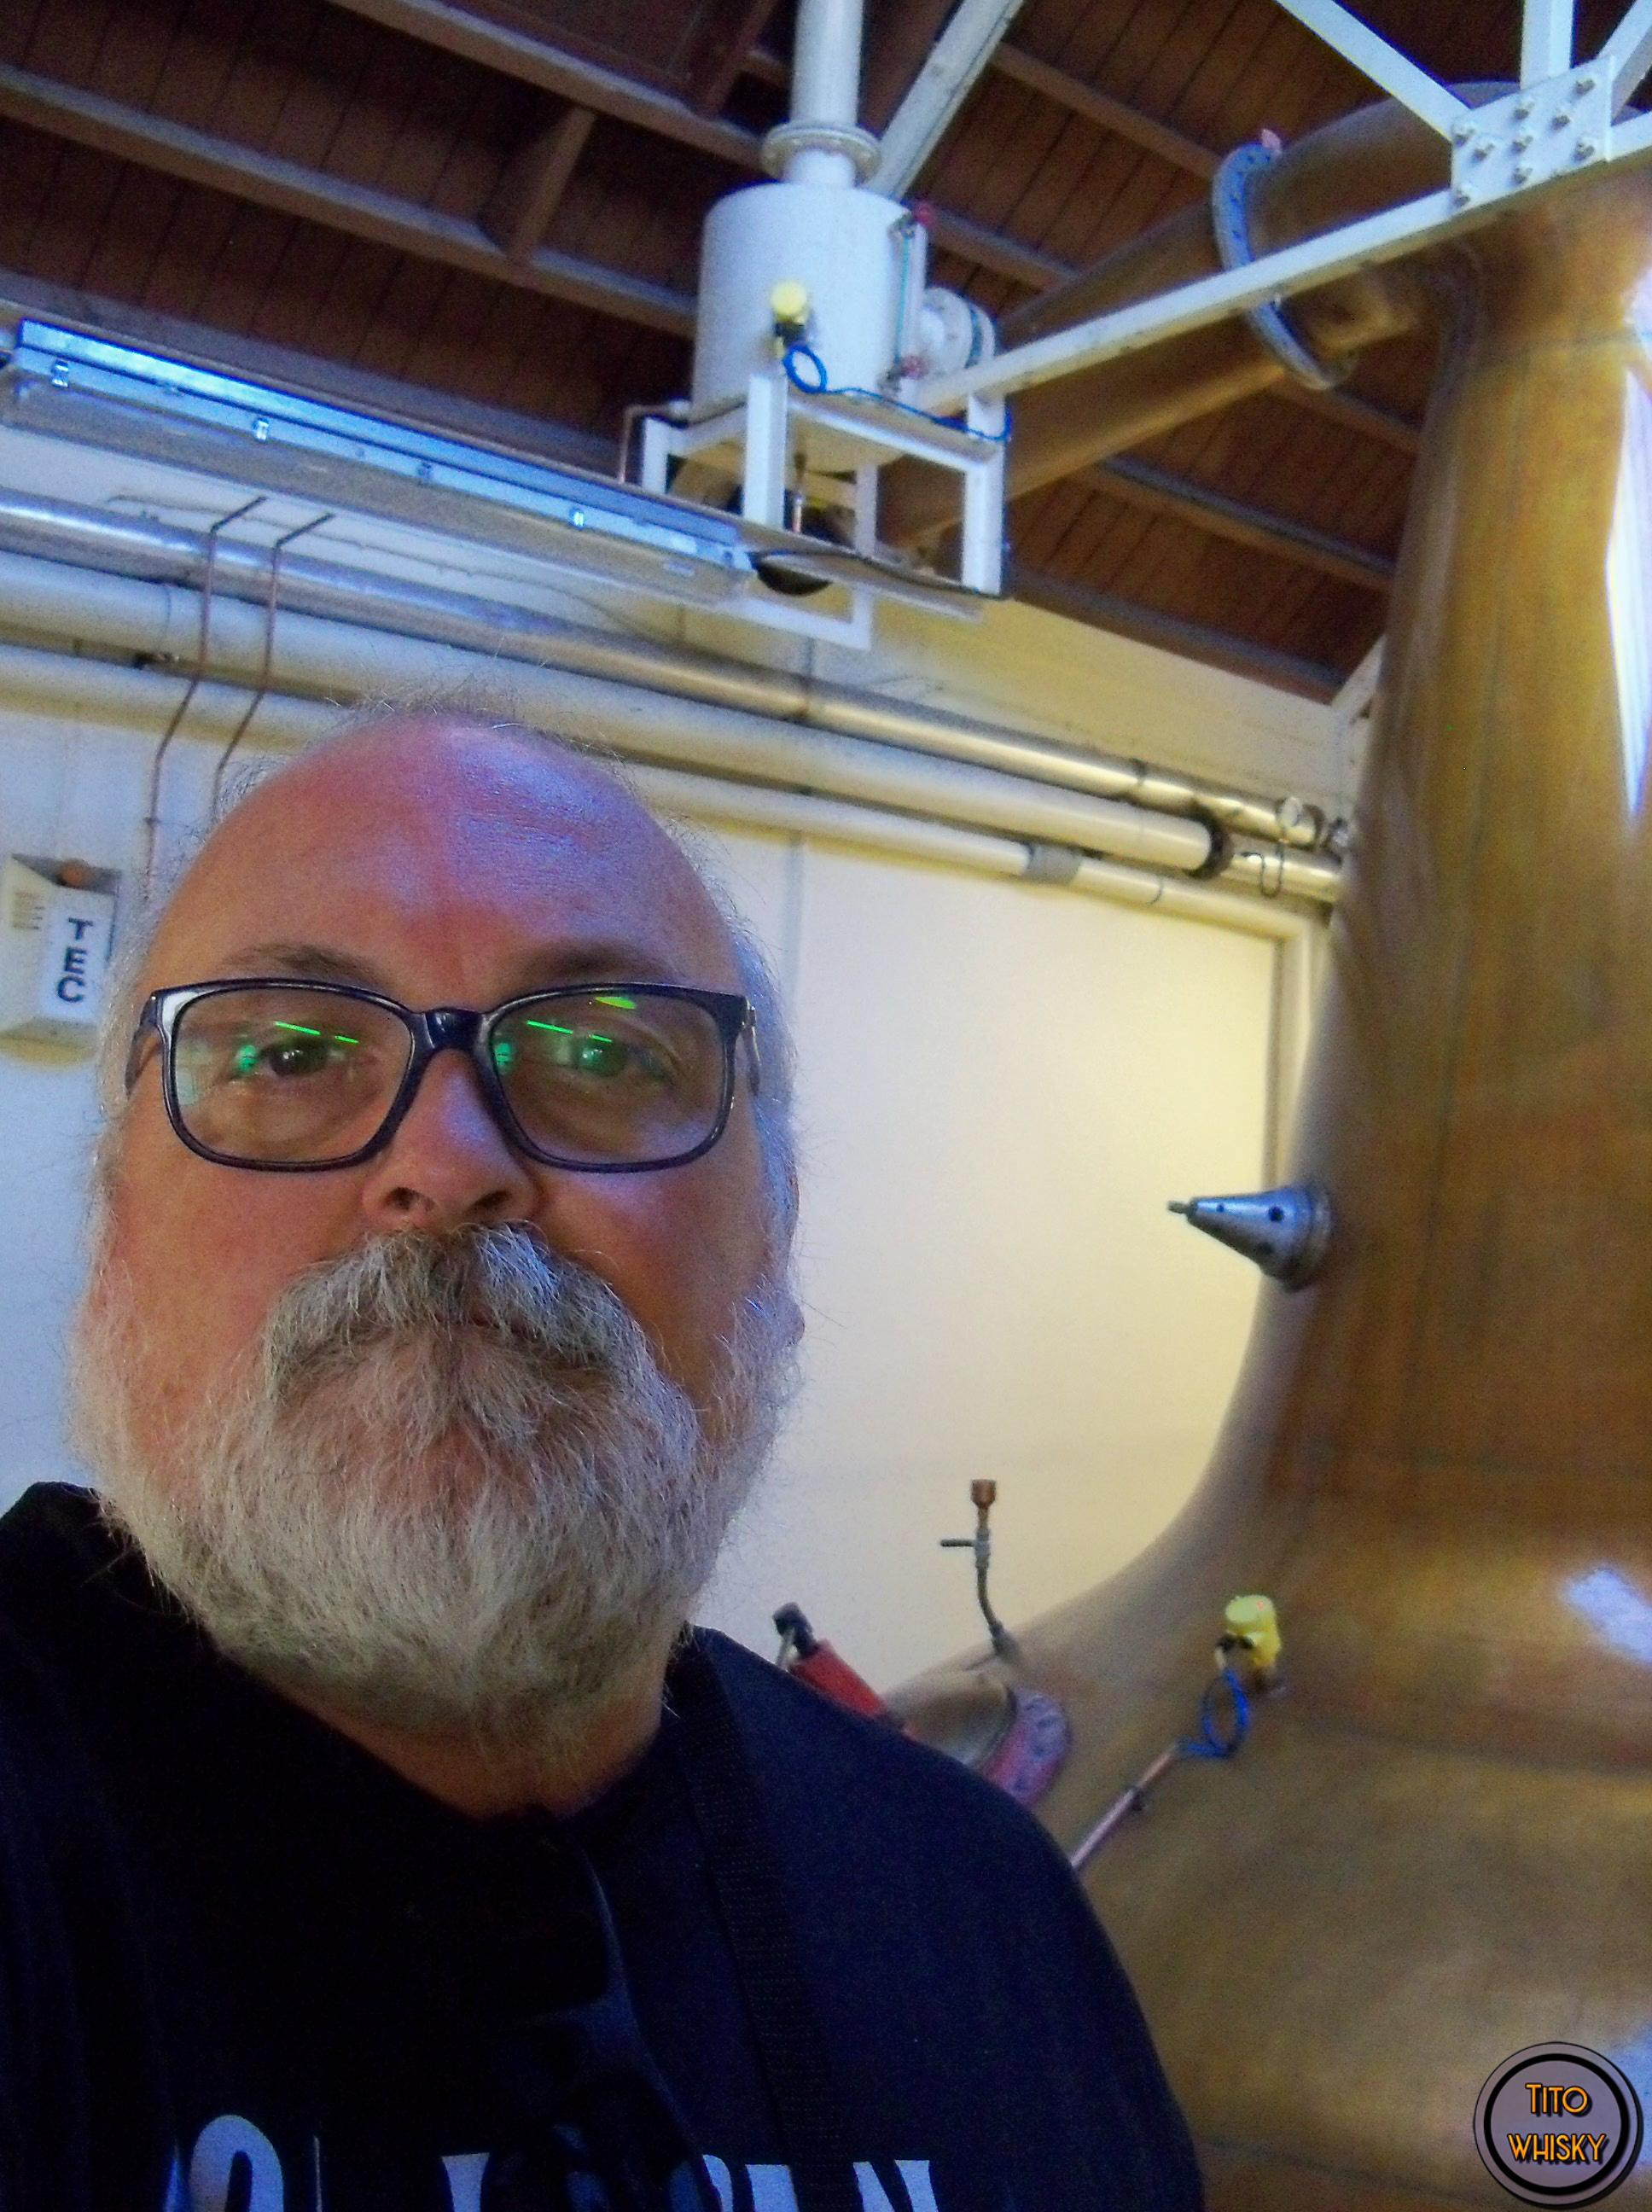 Tito en la destilería Glen Moray